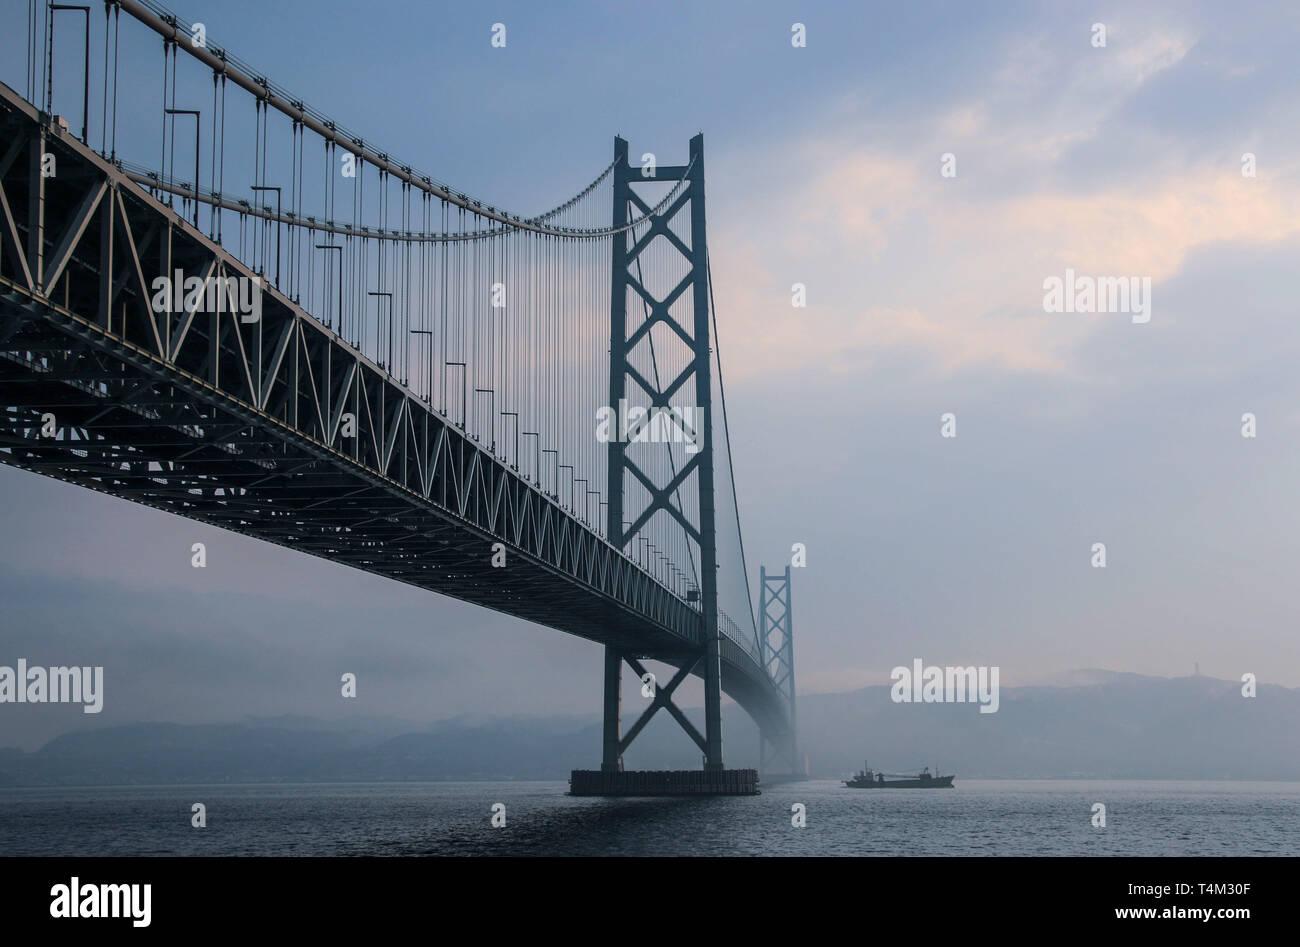 KOBE, JAPÓN - Marzo 30, 2019: Puente Akashi Kaikyo spanning el Mar Interior de Seto desde Awaji Island a Kobe, Japón. Foto de stock